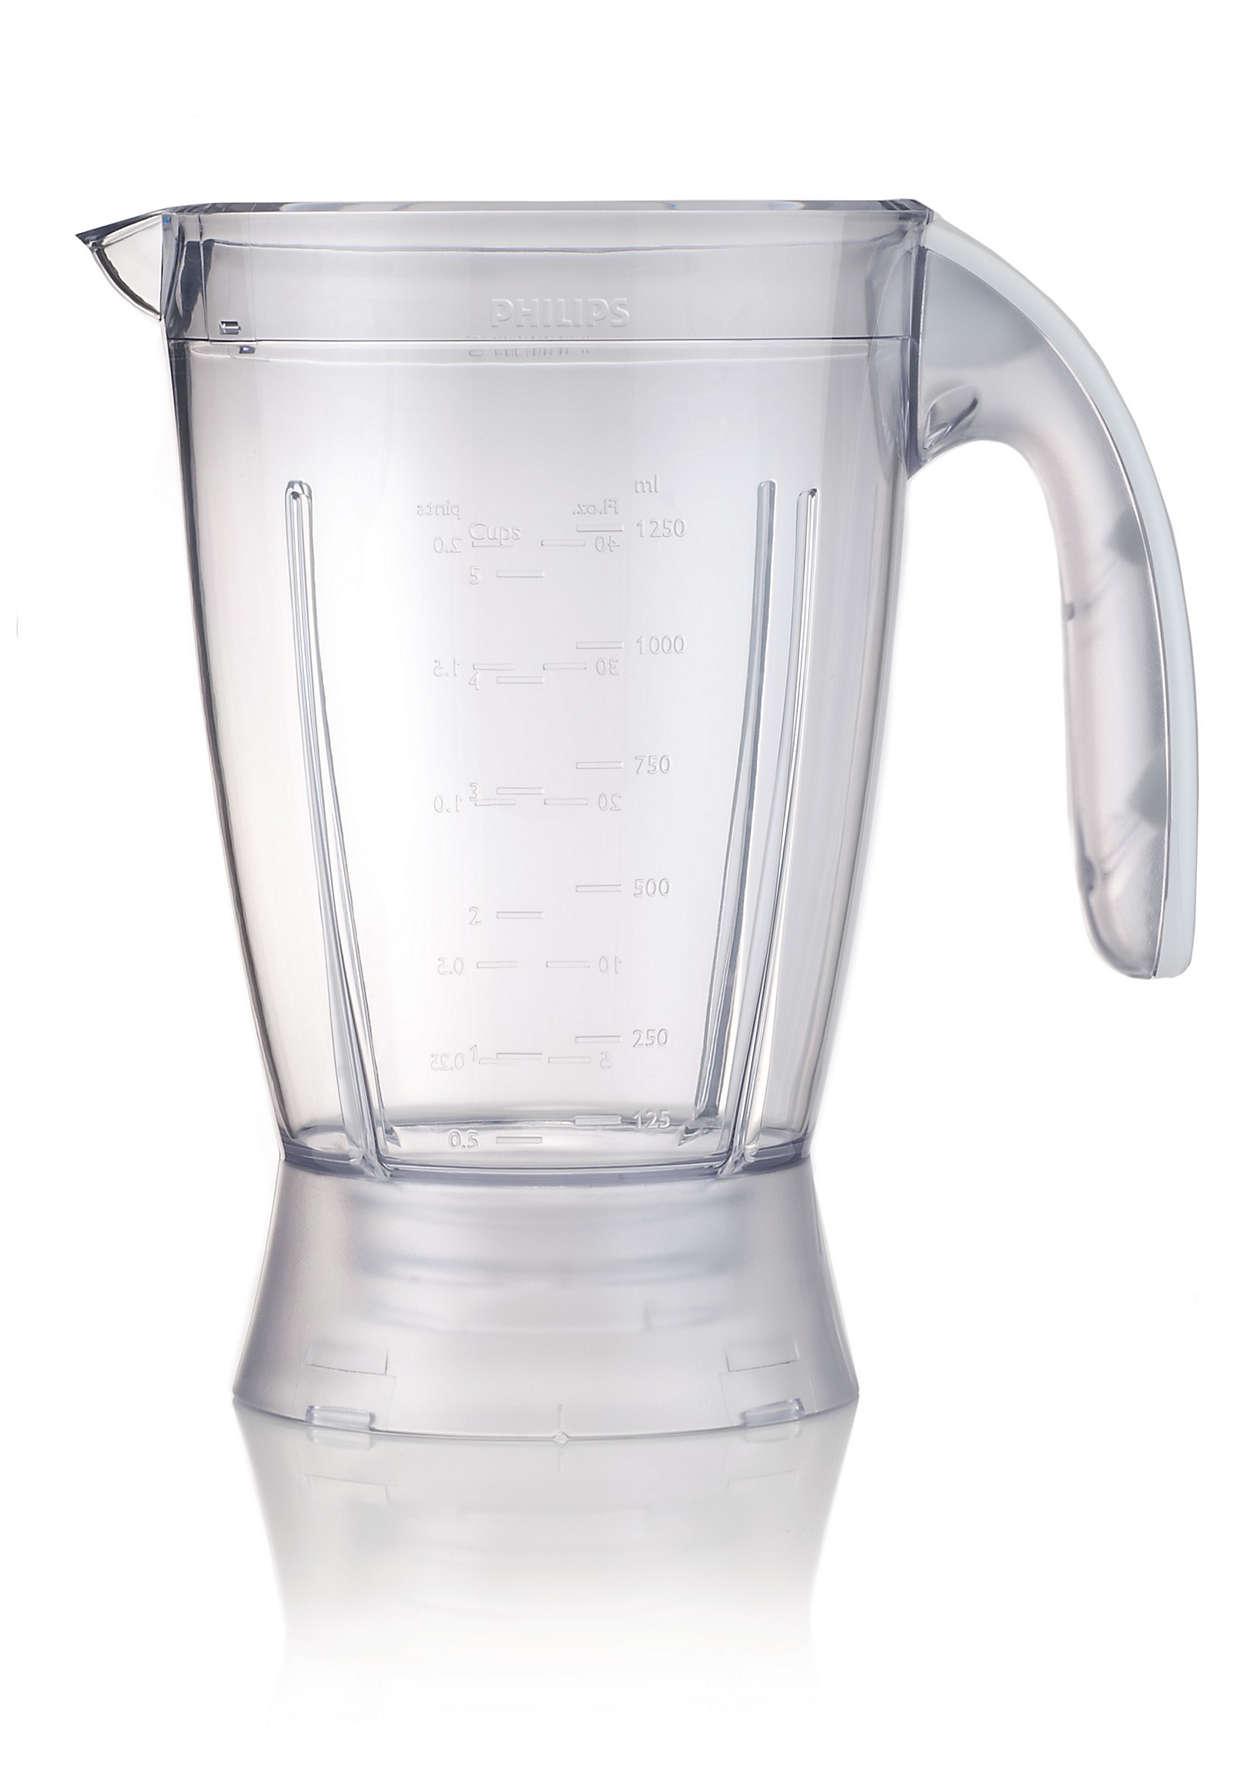 Plastikskål til blenderen